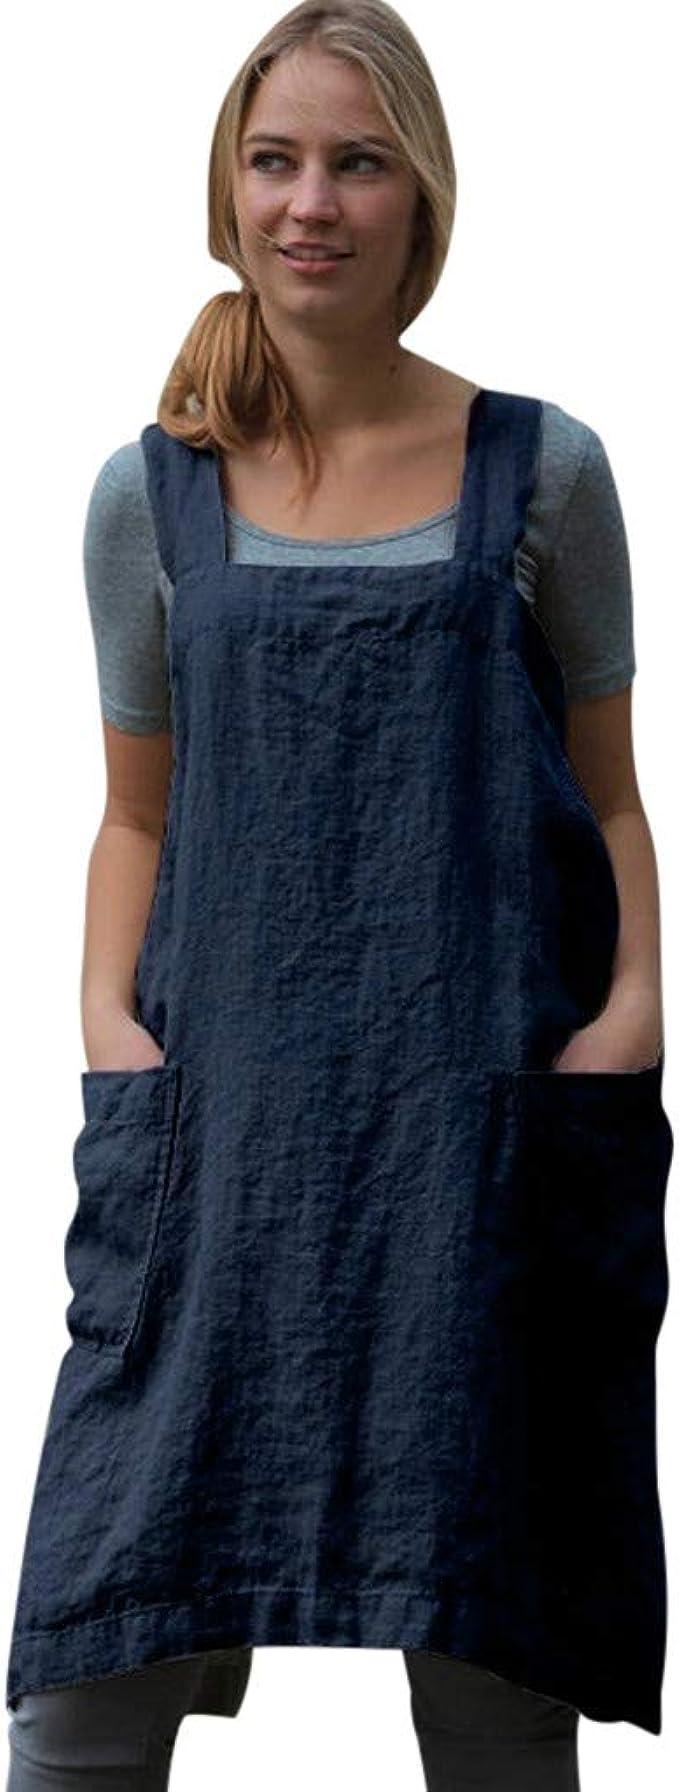 Goosuny Damen Tragerkleid Baumwolle Leinen Kurze Kleider Armellos Loose Ruckenfreies Minikleid Sommerkleider Knielang Frauen Pinafore Kleid Kurze Damenkleider Mit Taschen Amazon De Bekleidung